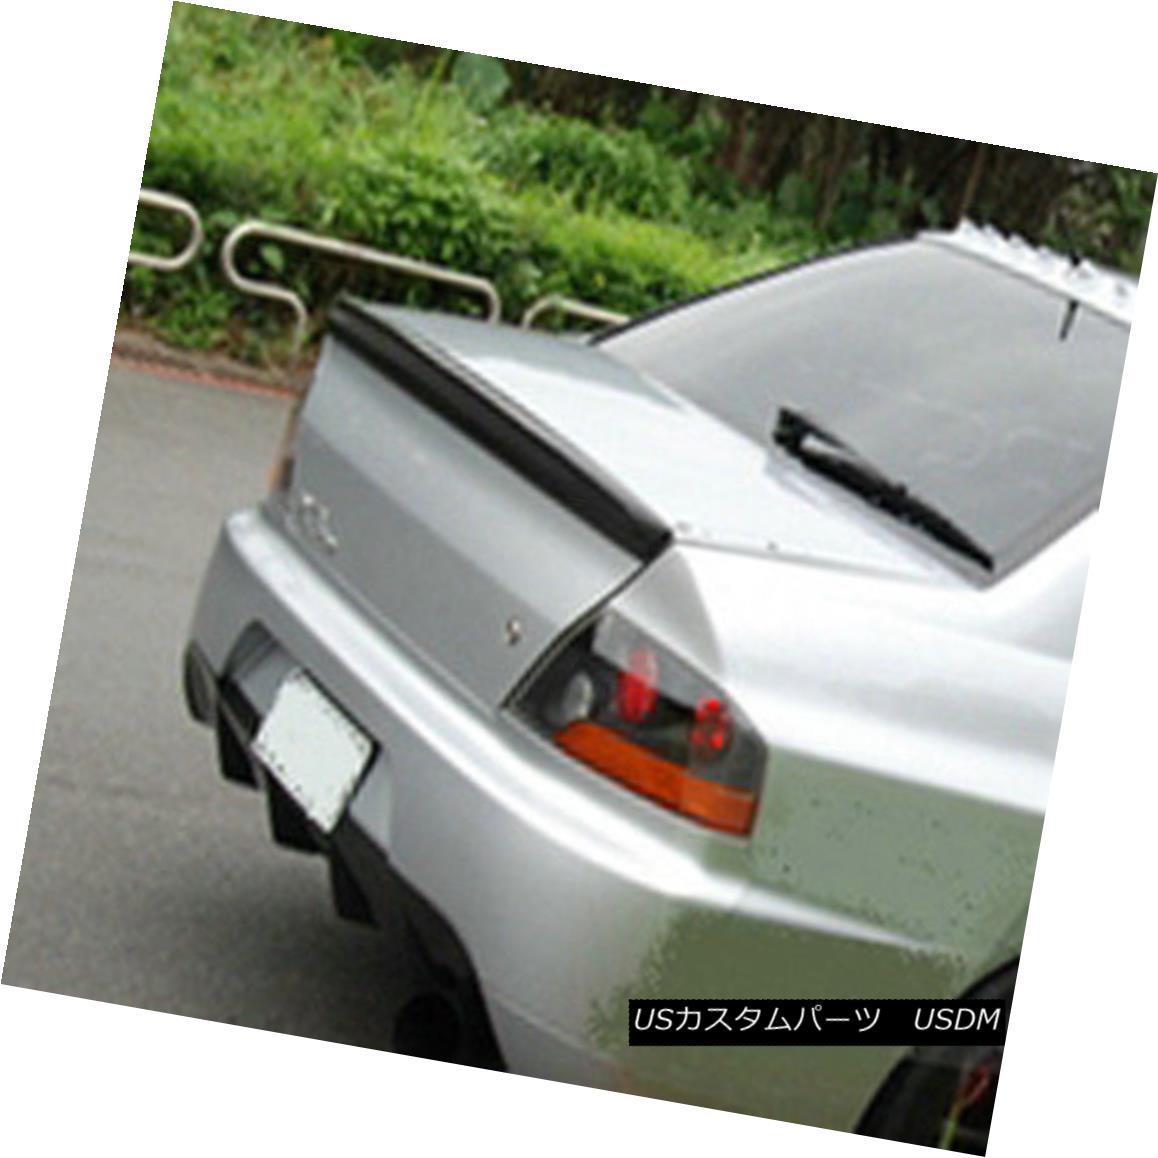 エアロパーツ ABC Rear Spoiler Wing Lip For EVO 7 8 9 Type 1 Carbon (need to move oe spoiler) EVO 7 8 9タイプ1カーボン用ABCリアスポイラーウイングリップ(oeスポイラーの移動が必要)